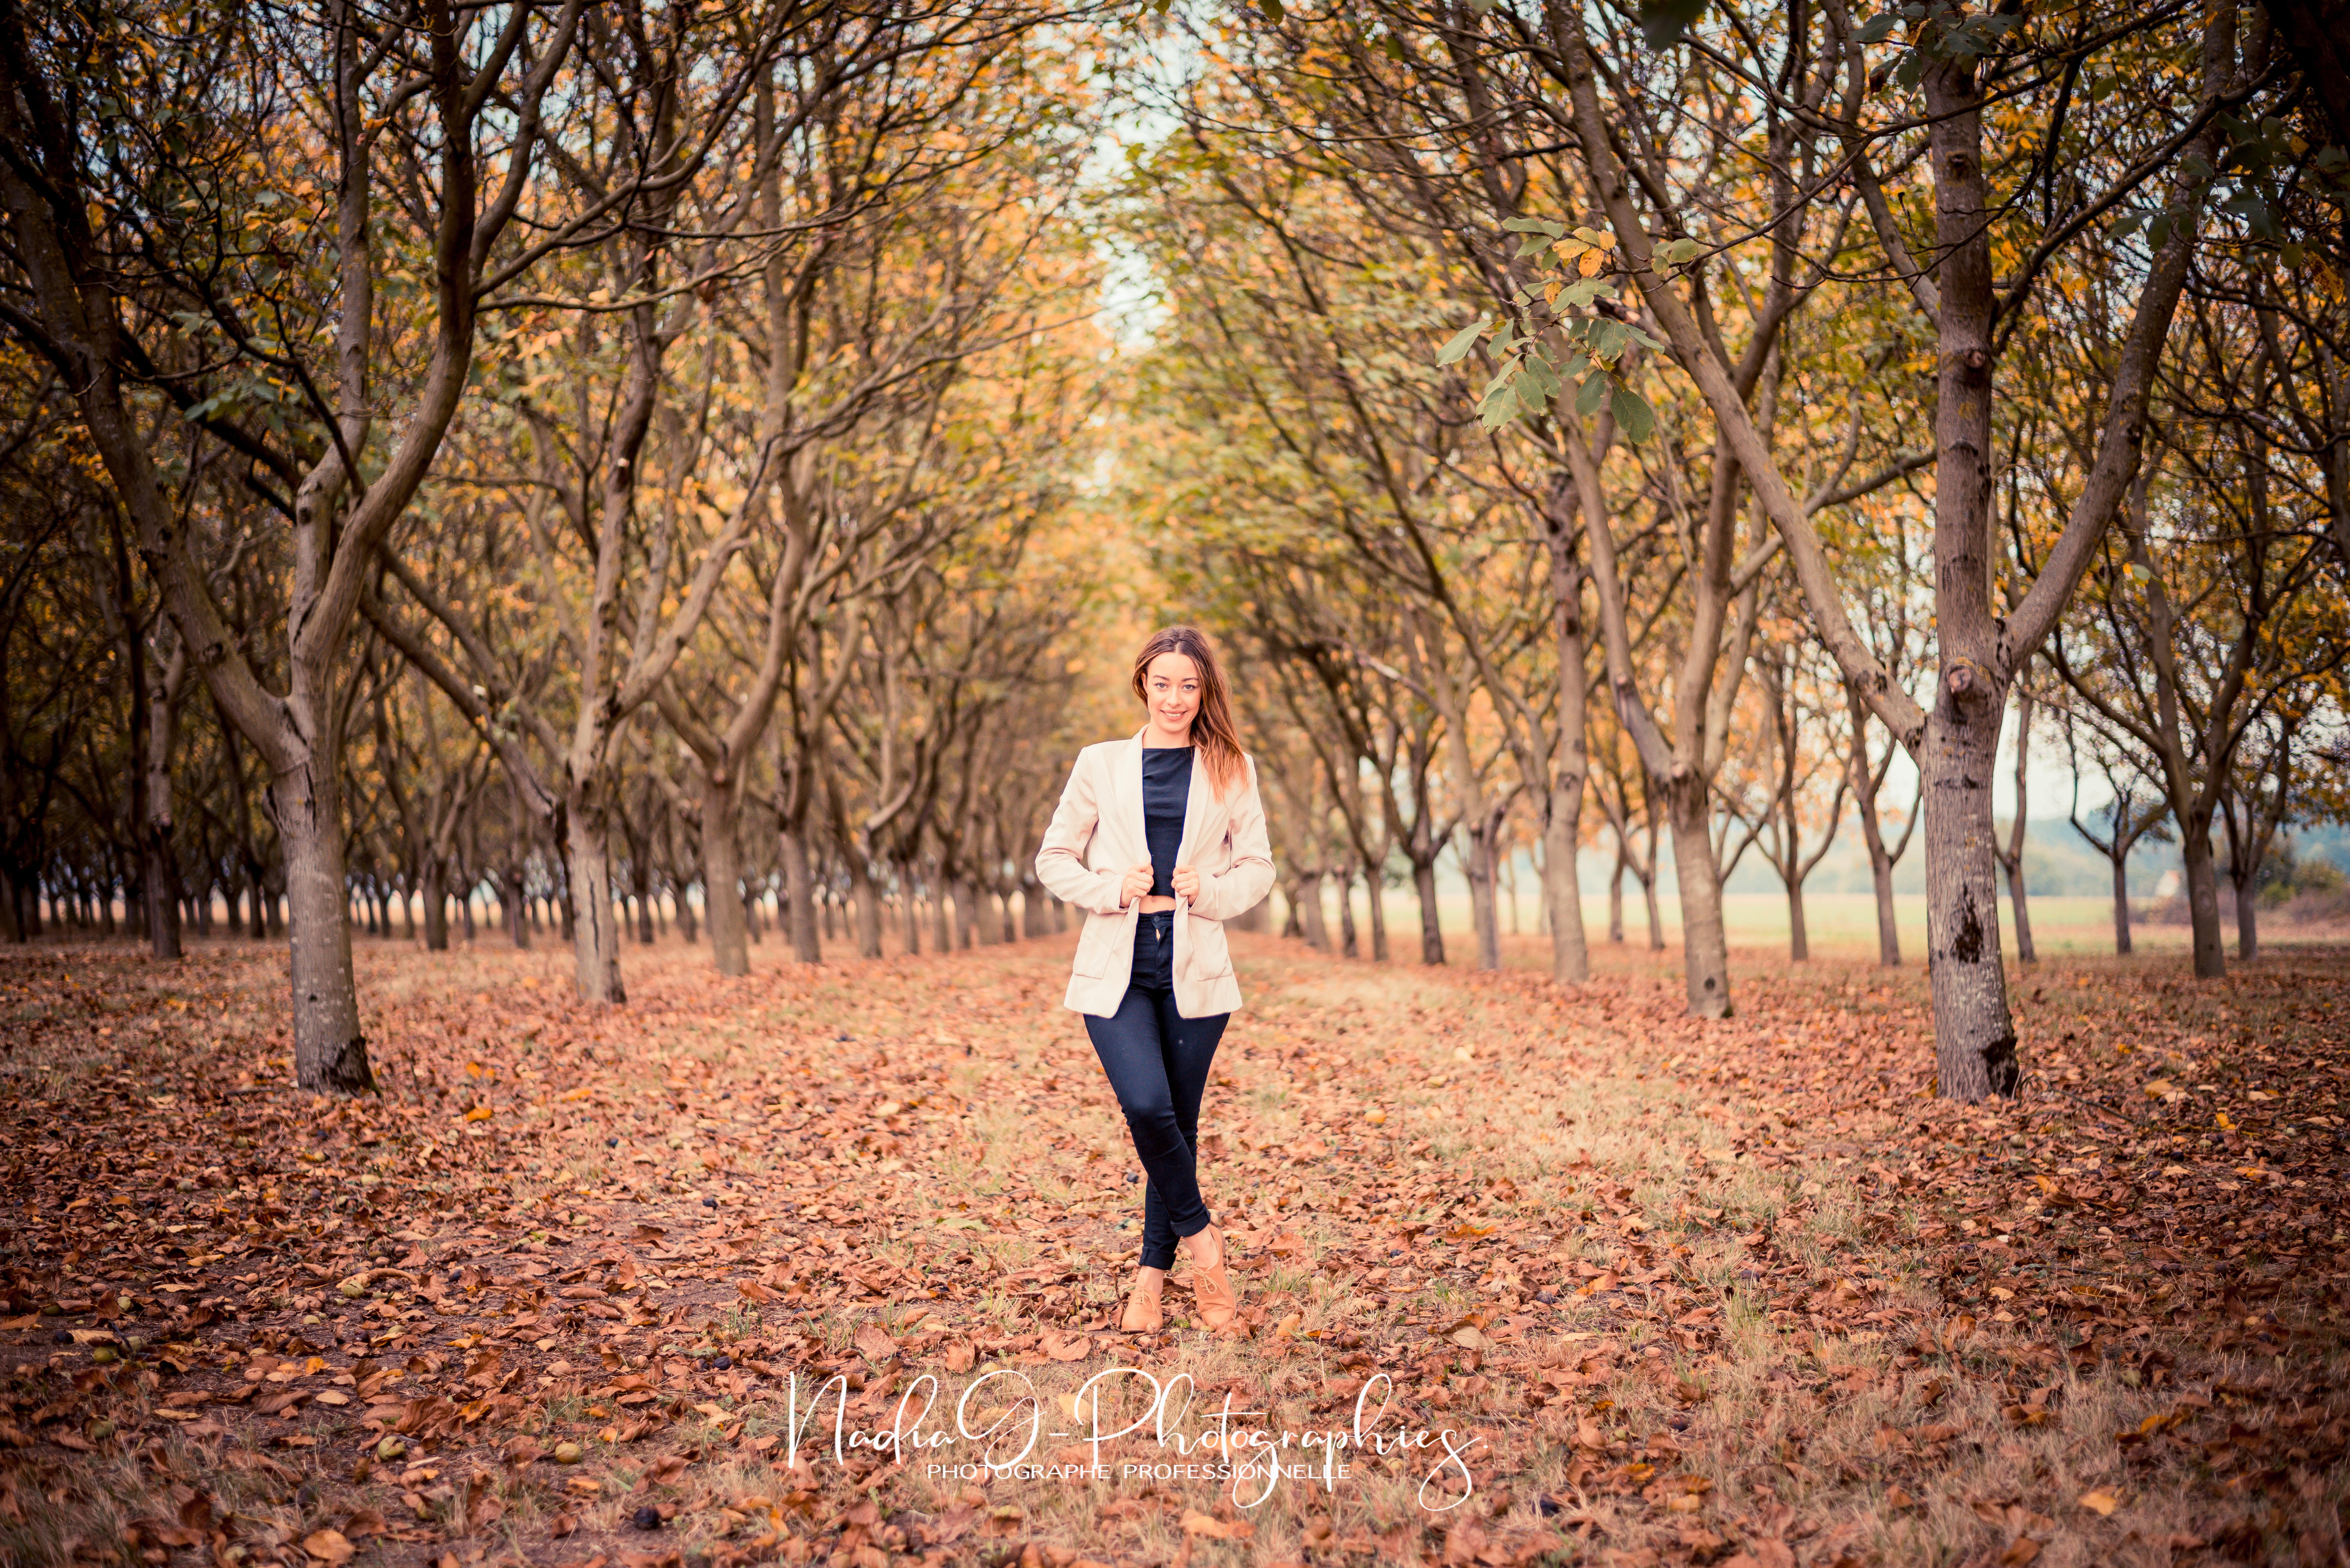 NadiaG-Photographies